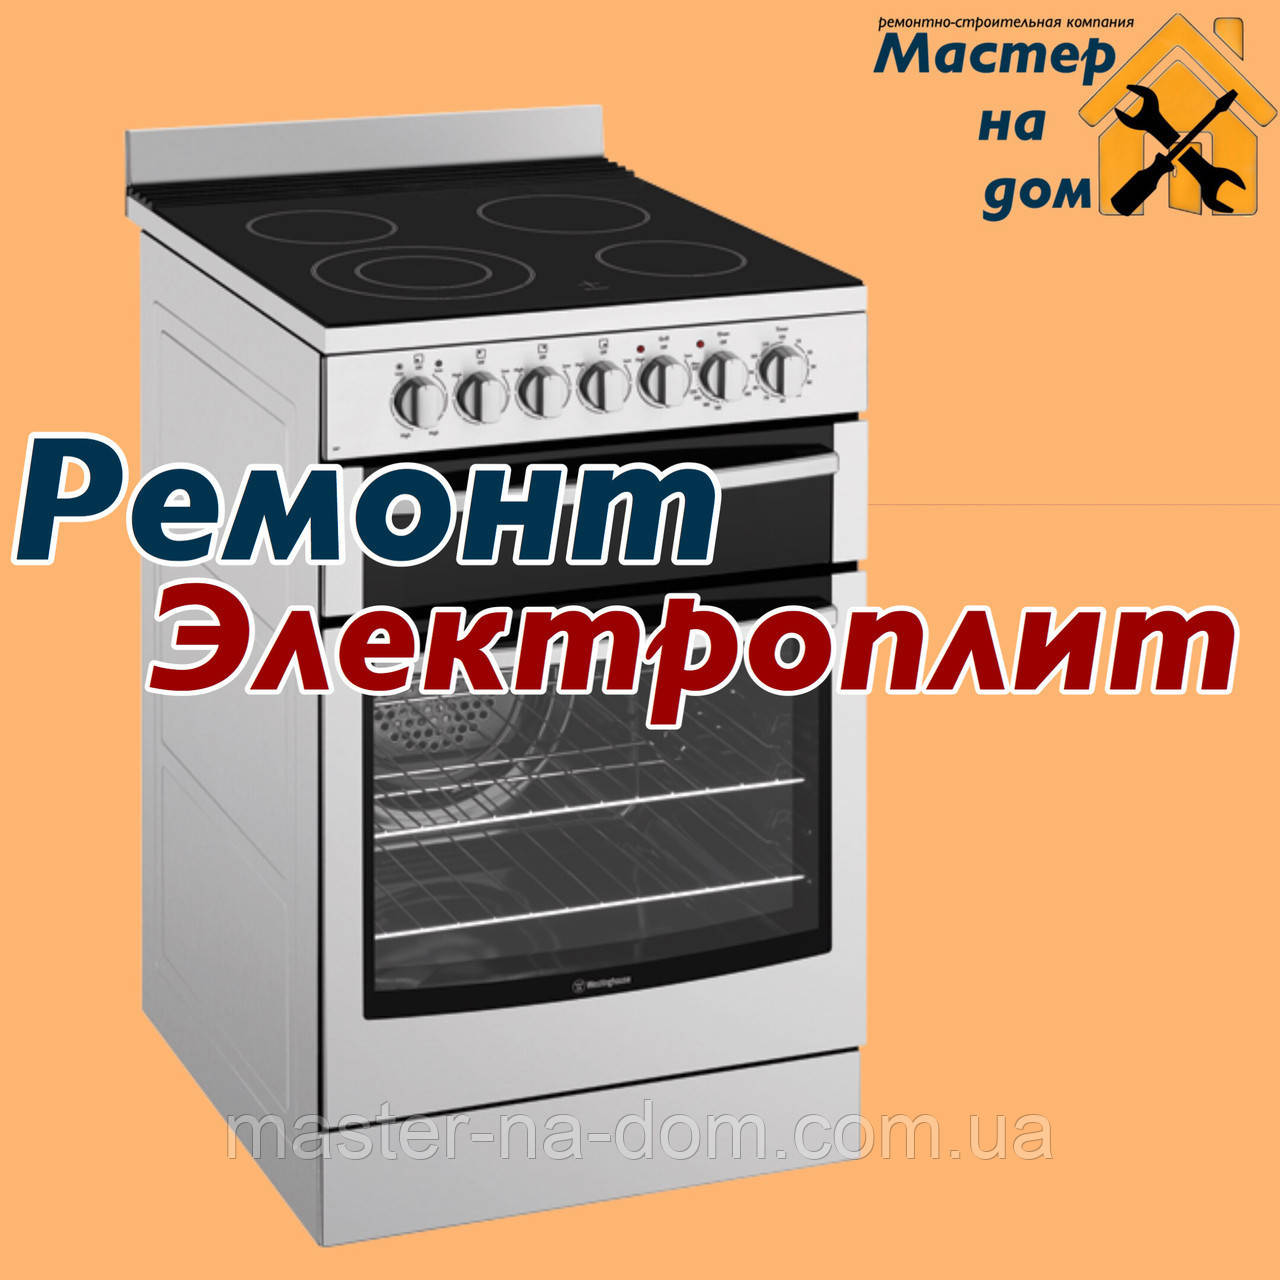 Ремонт электрической плиты в Одессе